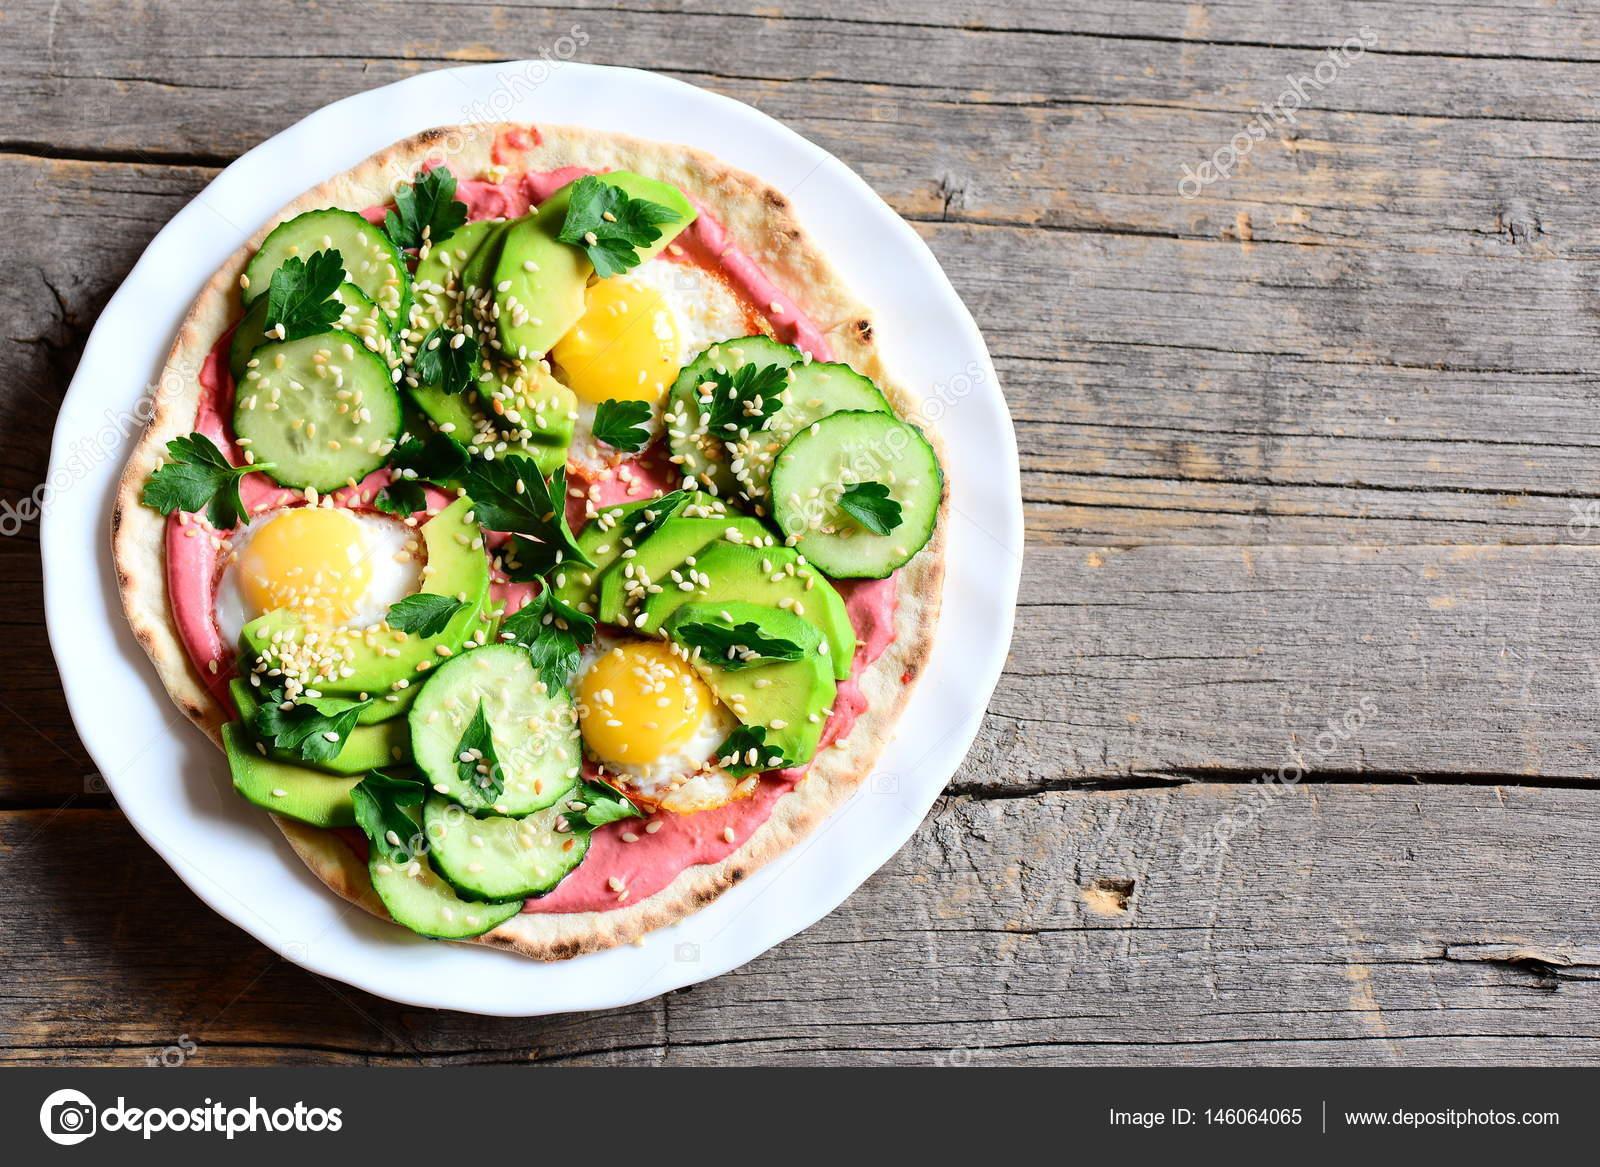 Bıldırcın yumurtası ile salata. En iyi tarifler